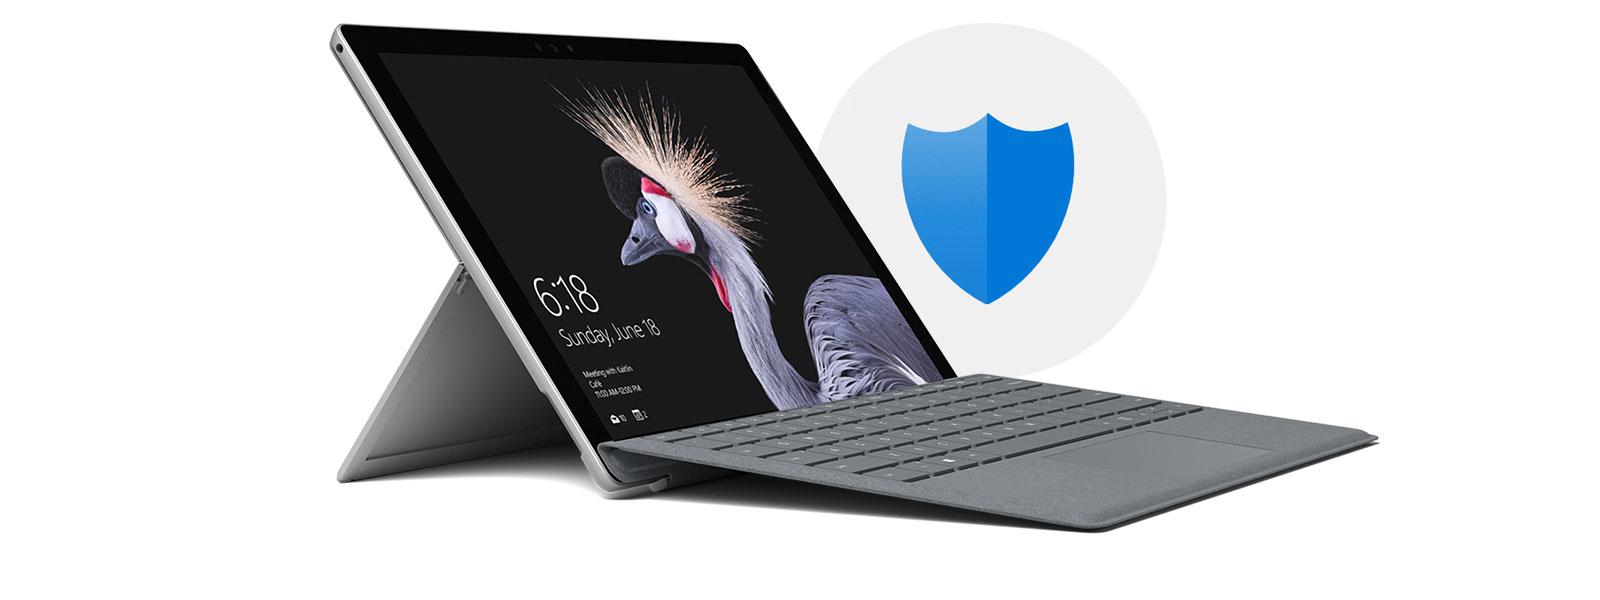 Surface Pro dalam mod komputer riba dengan skrin mula, menghadap ke kanan dan ikon perlindungan keselamatan di latar belakang.